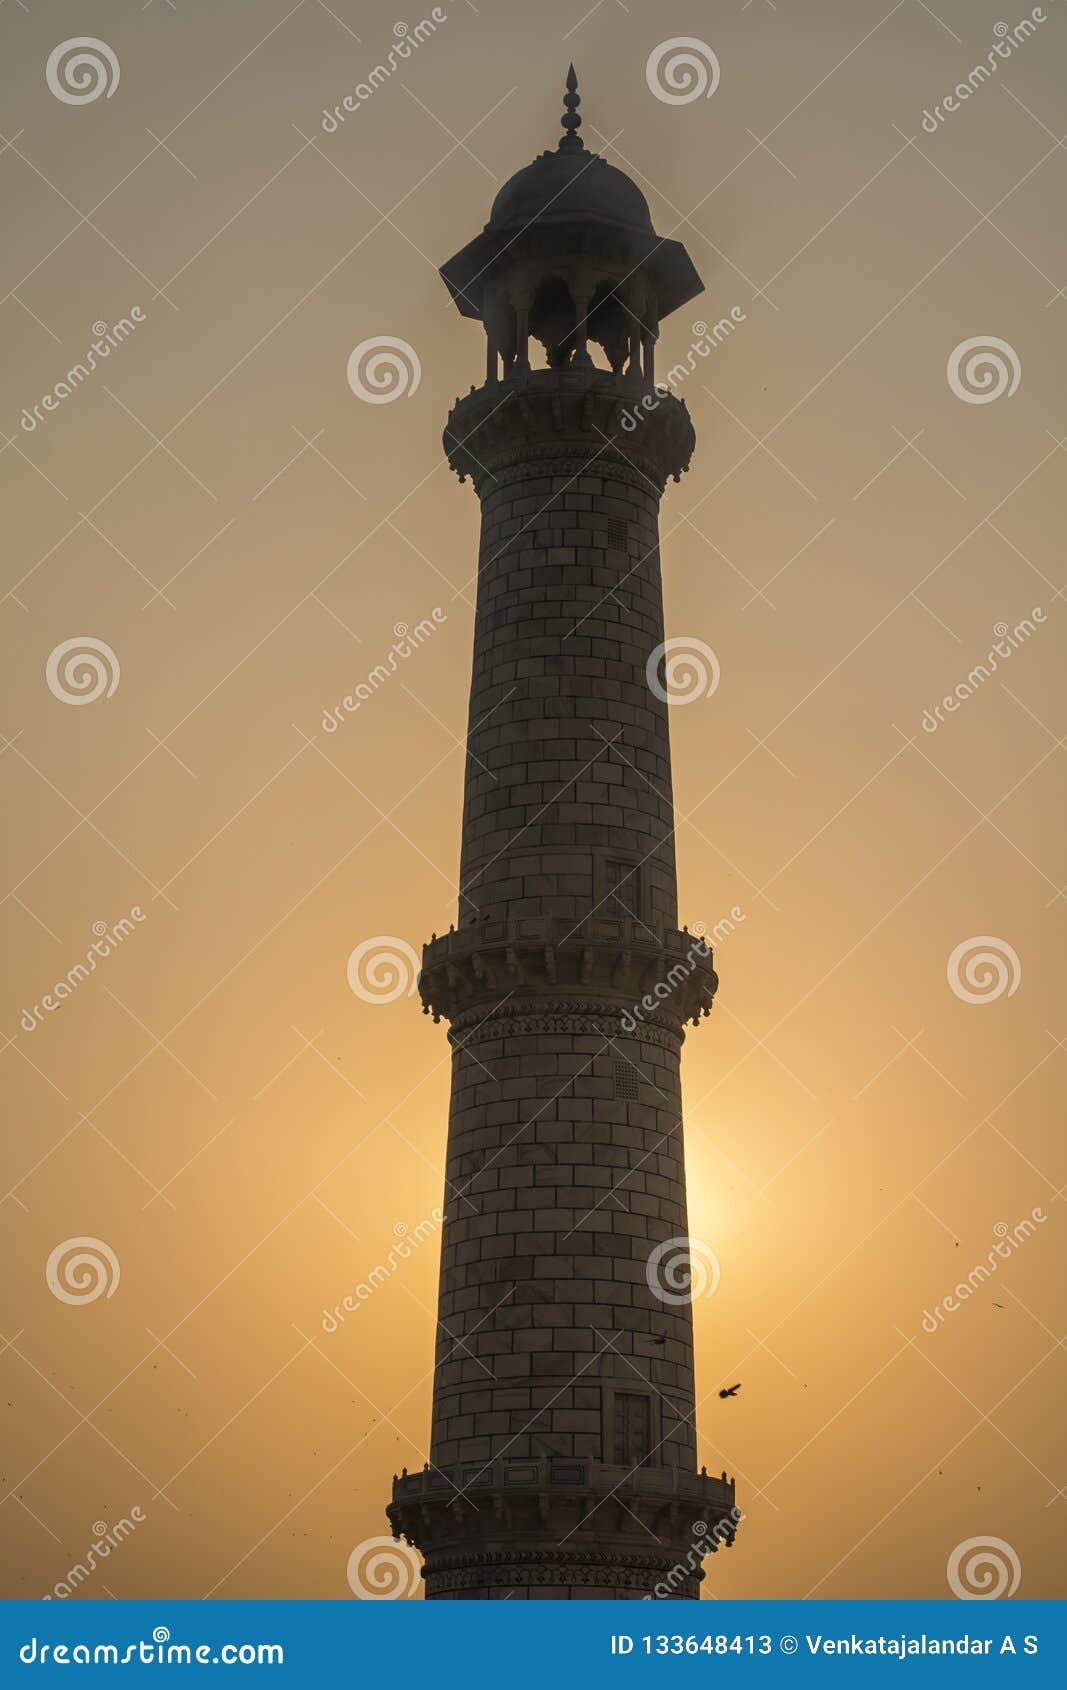 Coluna de Taj Mahal Silhoutte View, com por do sol atrás